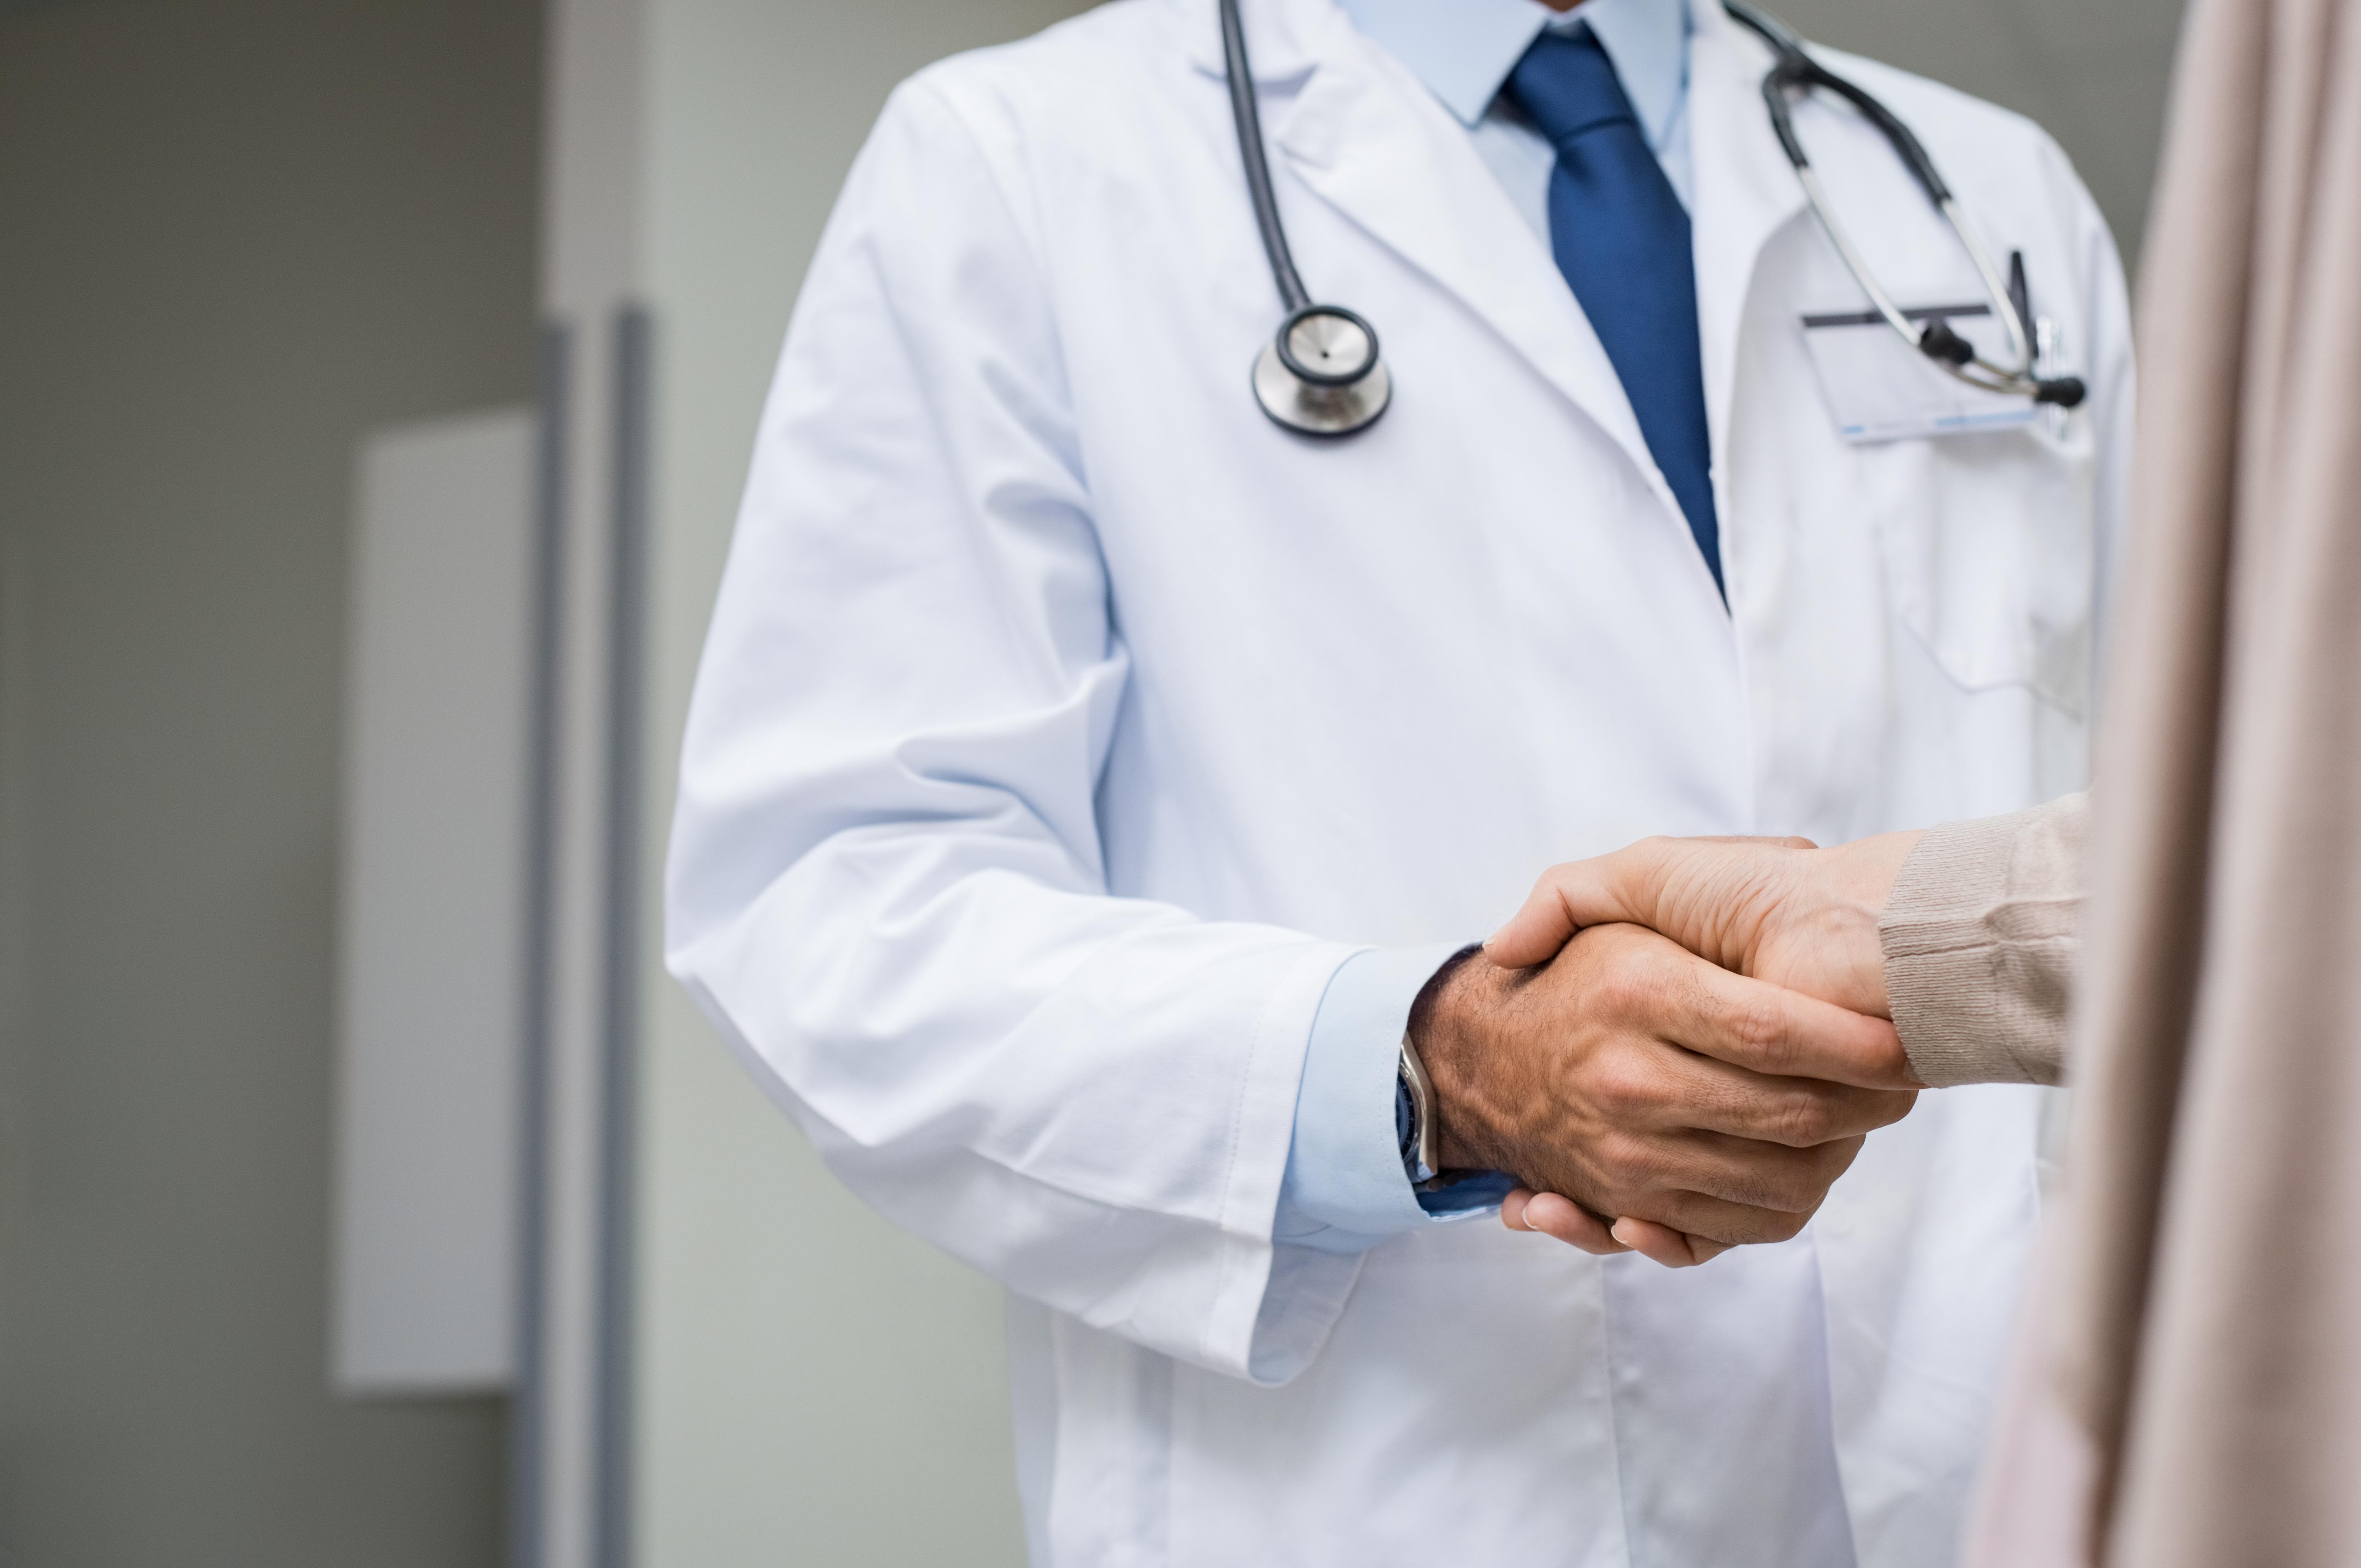 Doctor patient handshake